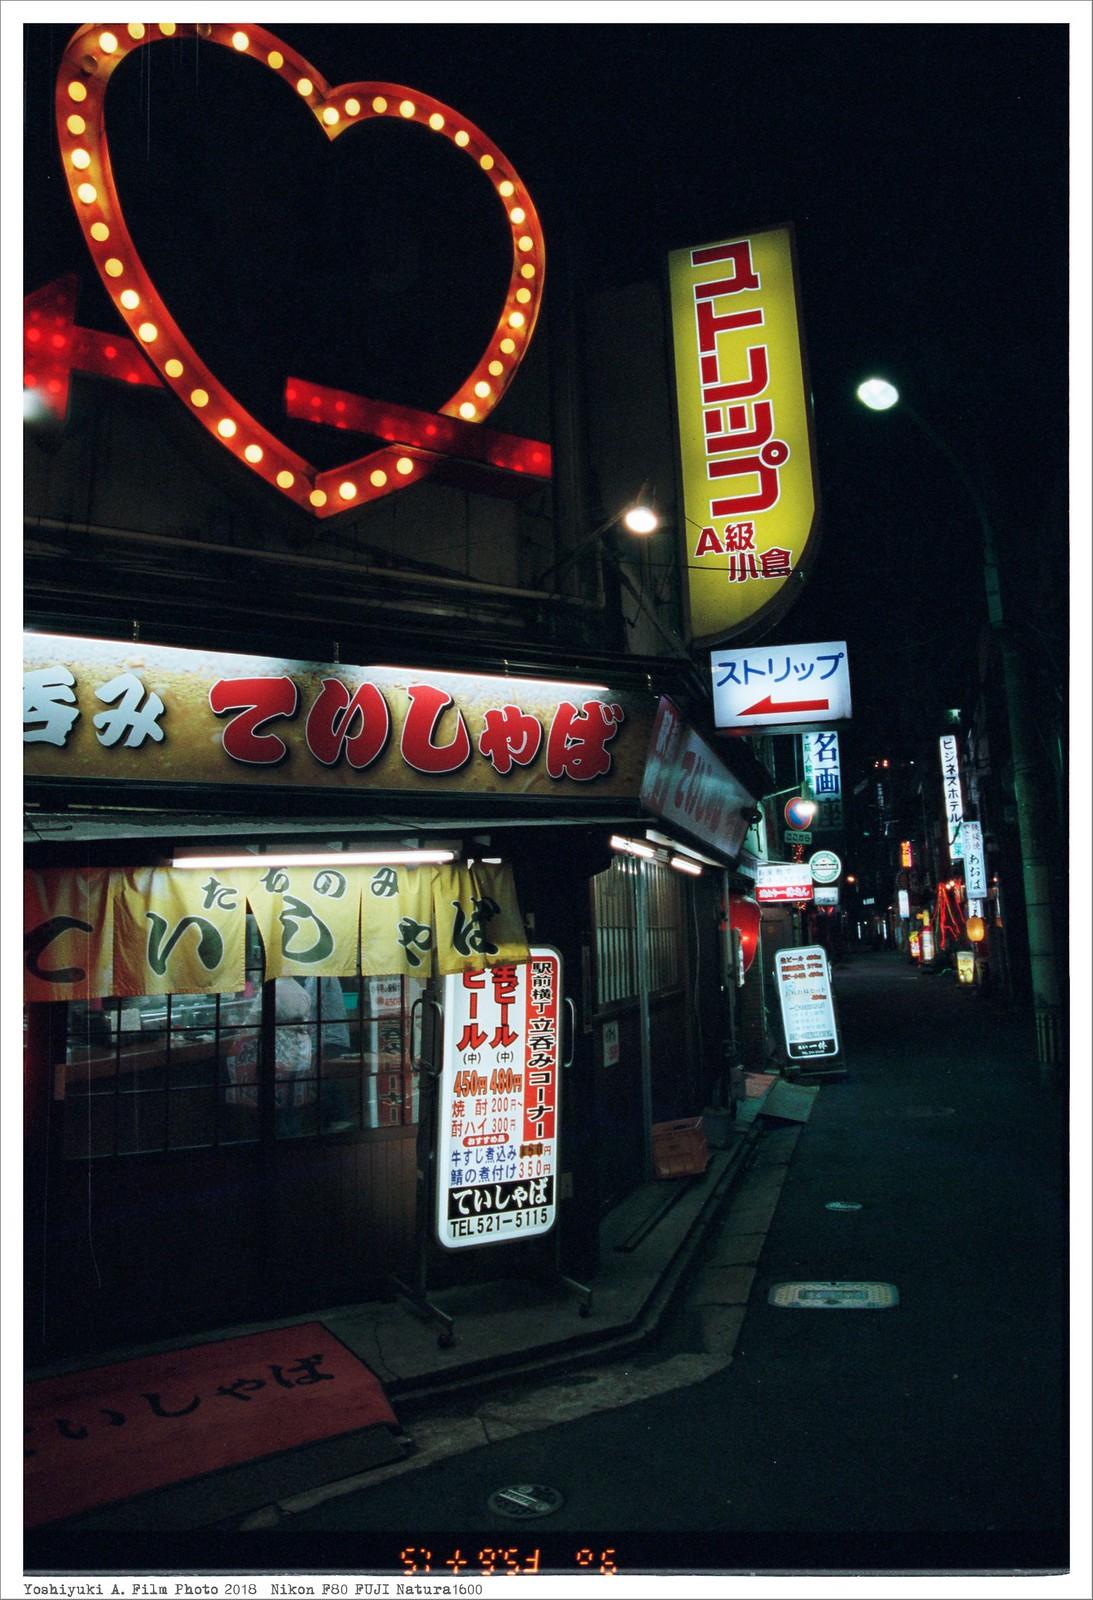 北九州市 小倉 Nikon_F80_FUJI_Natura1600__09